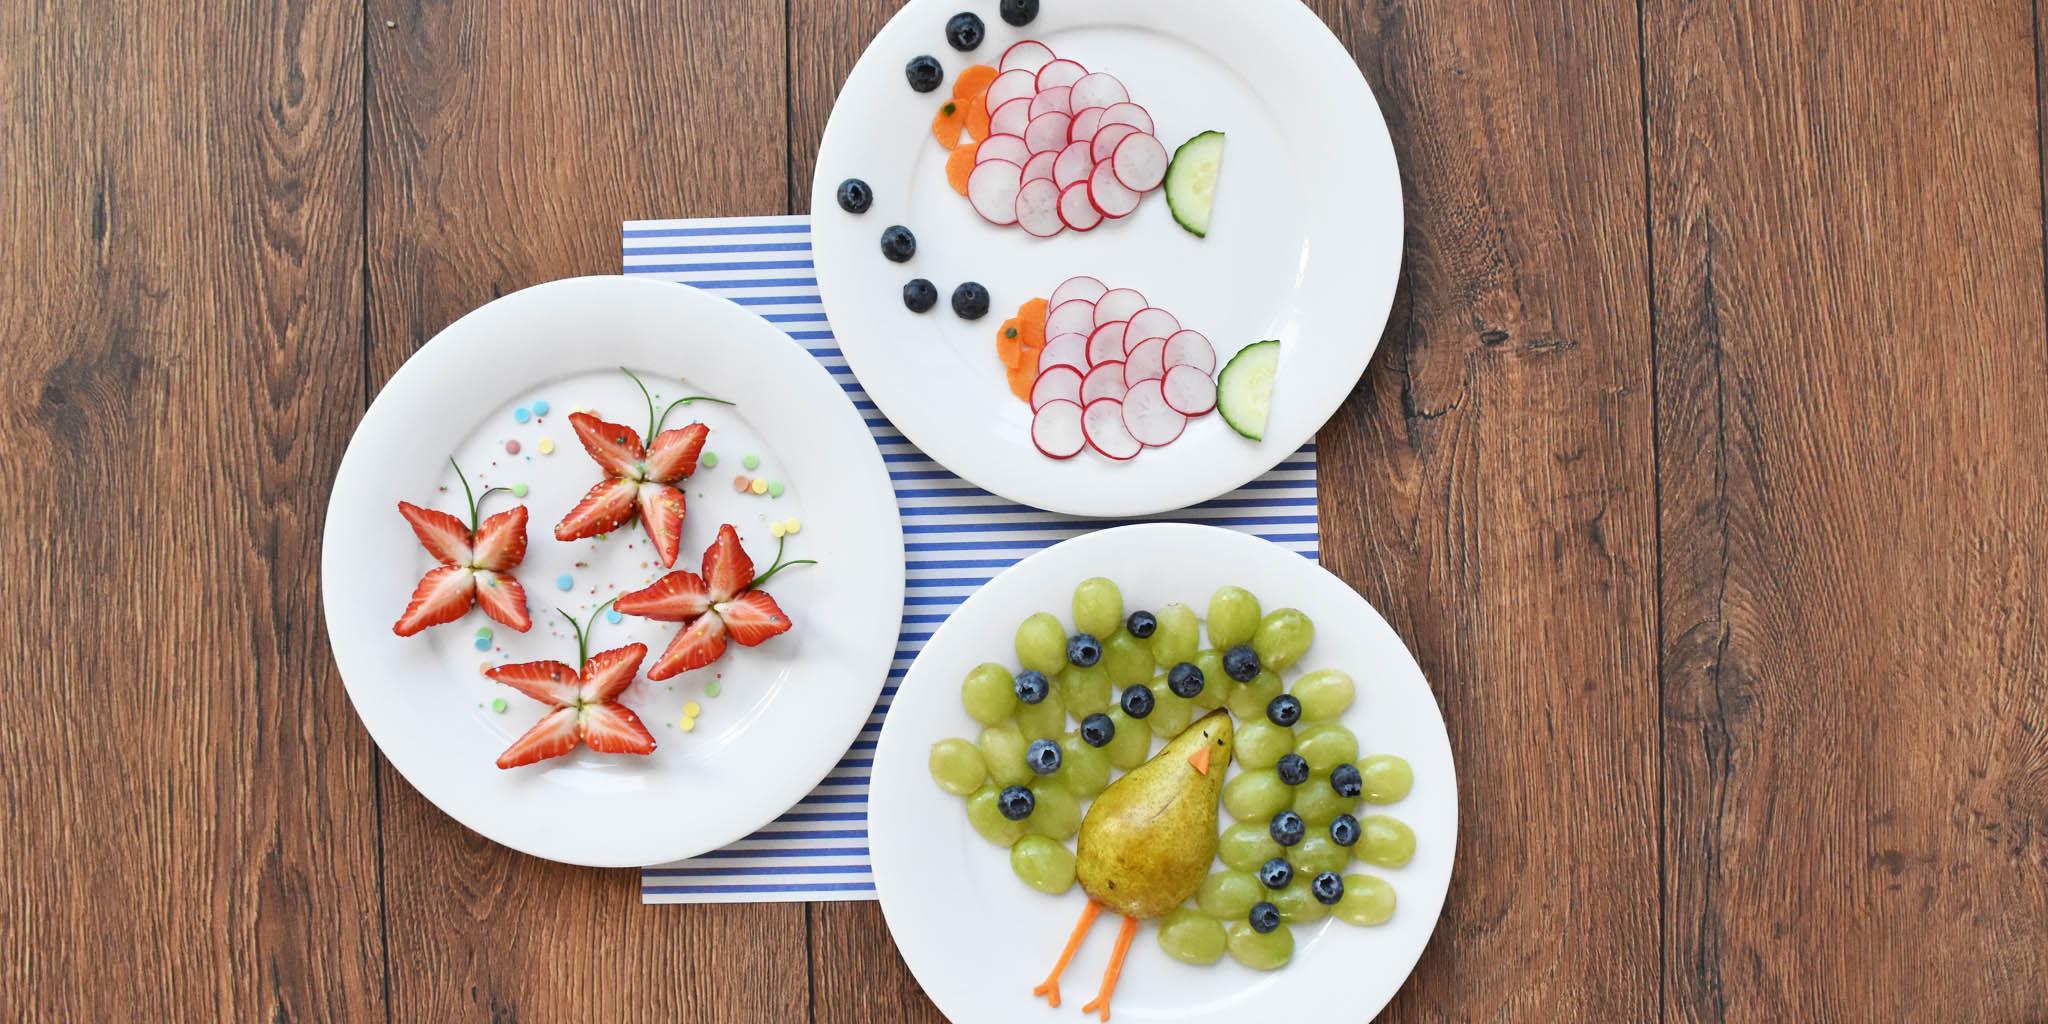 Näin hedelmien ja vihannesten syömisestä tulee hauskaa